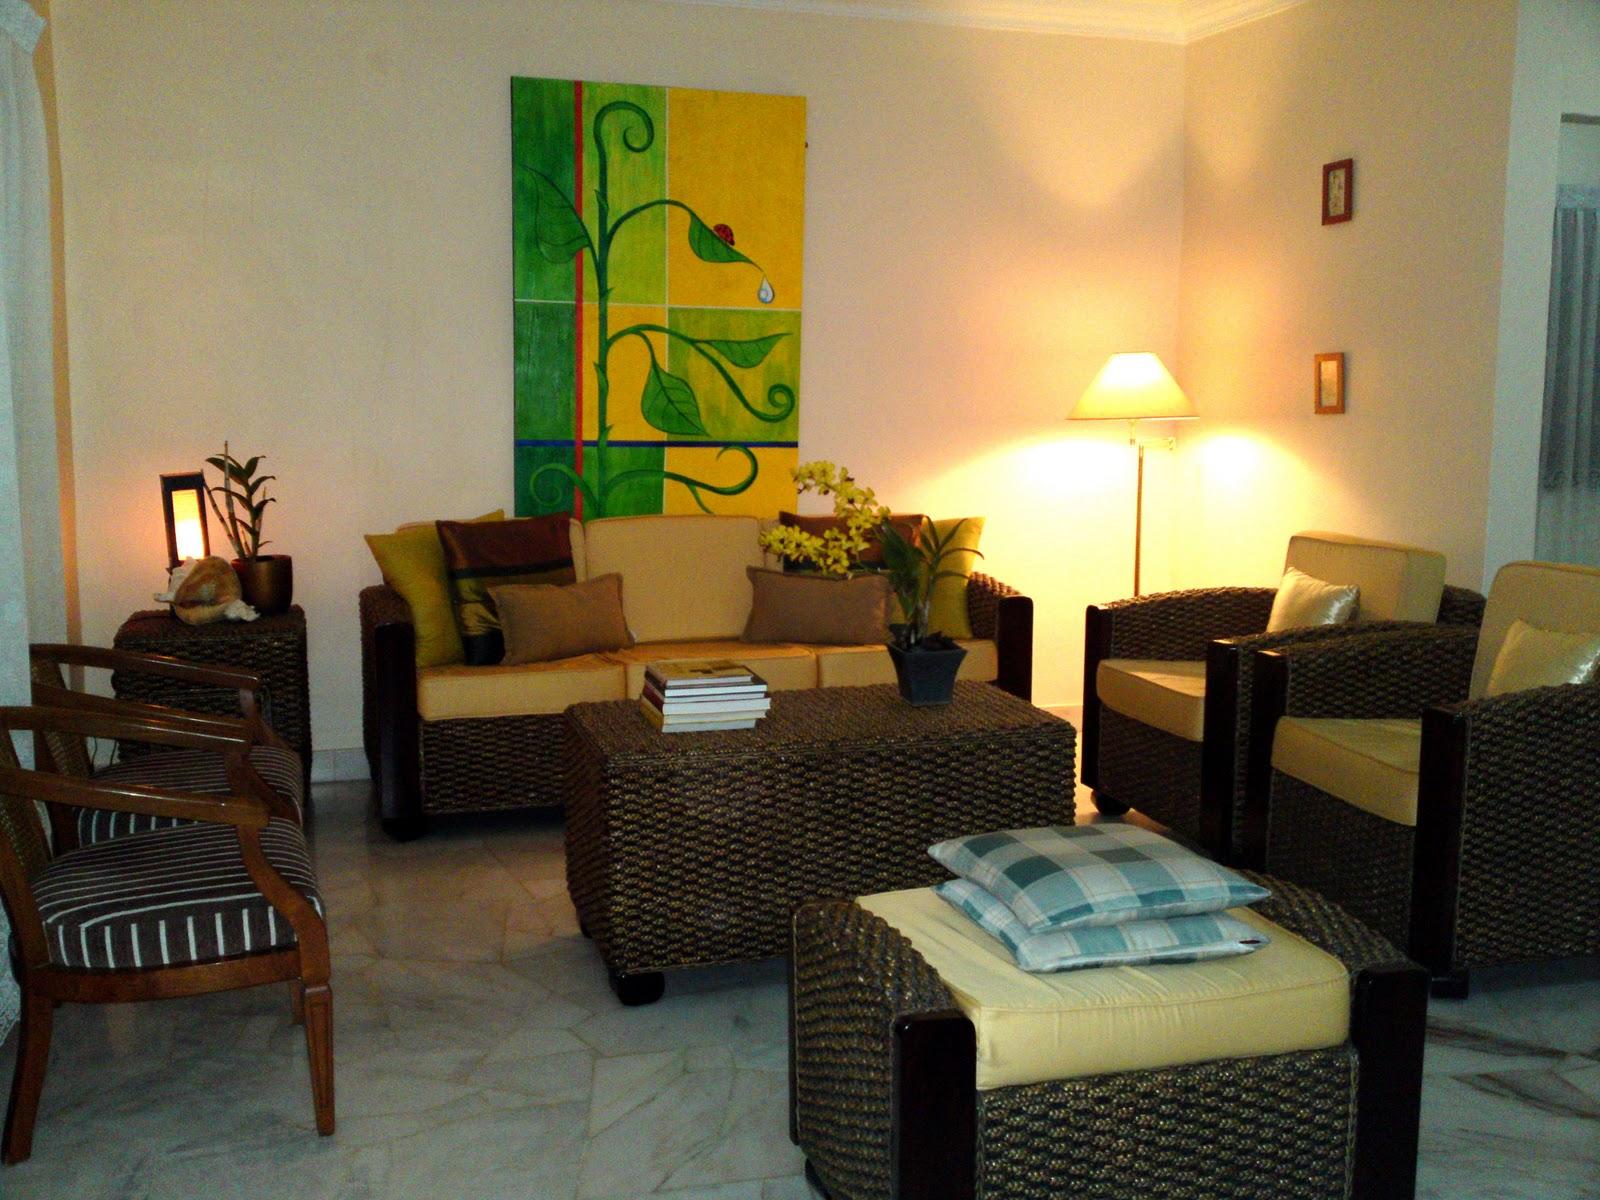 Deco Eric 2013 Hiasan Dalaman Rumah Apartment | Ask Home ...